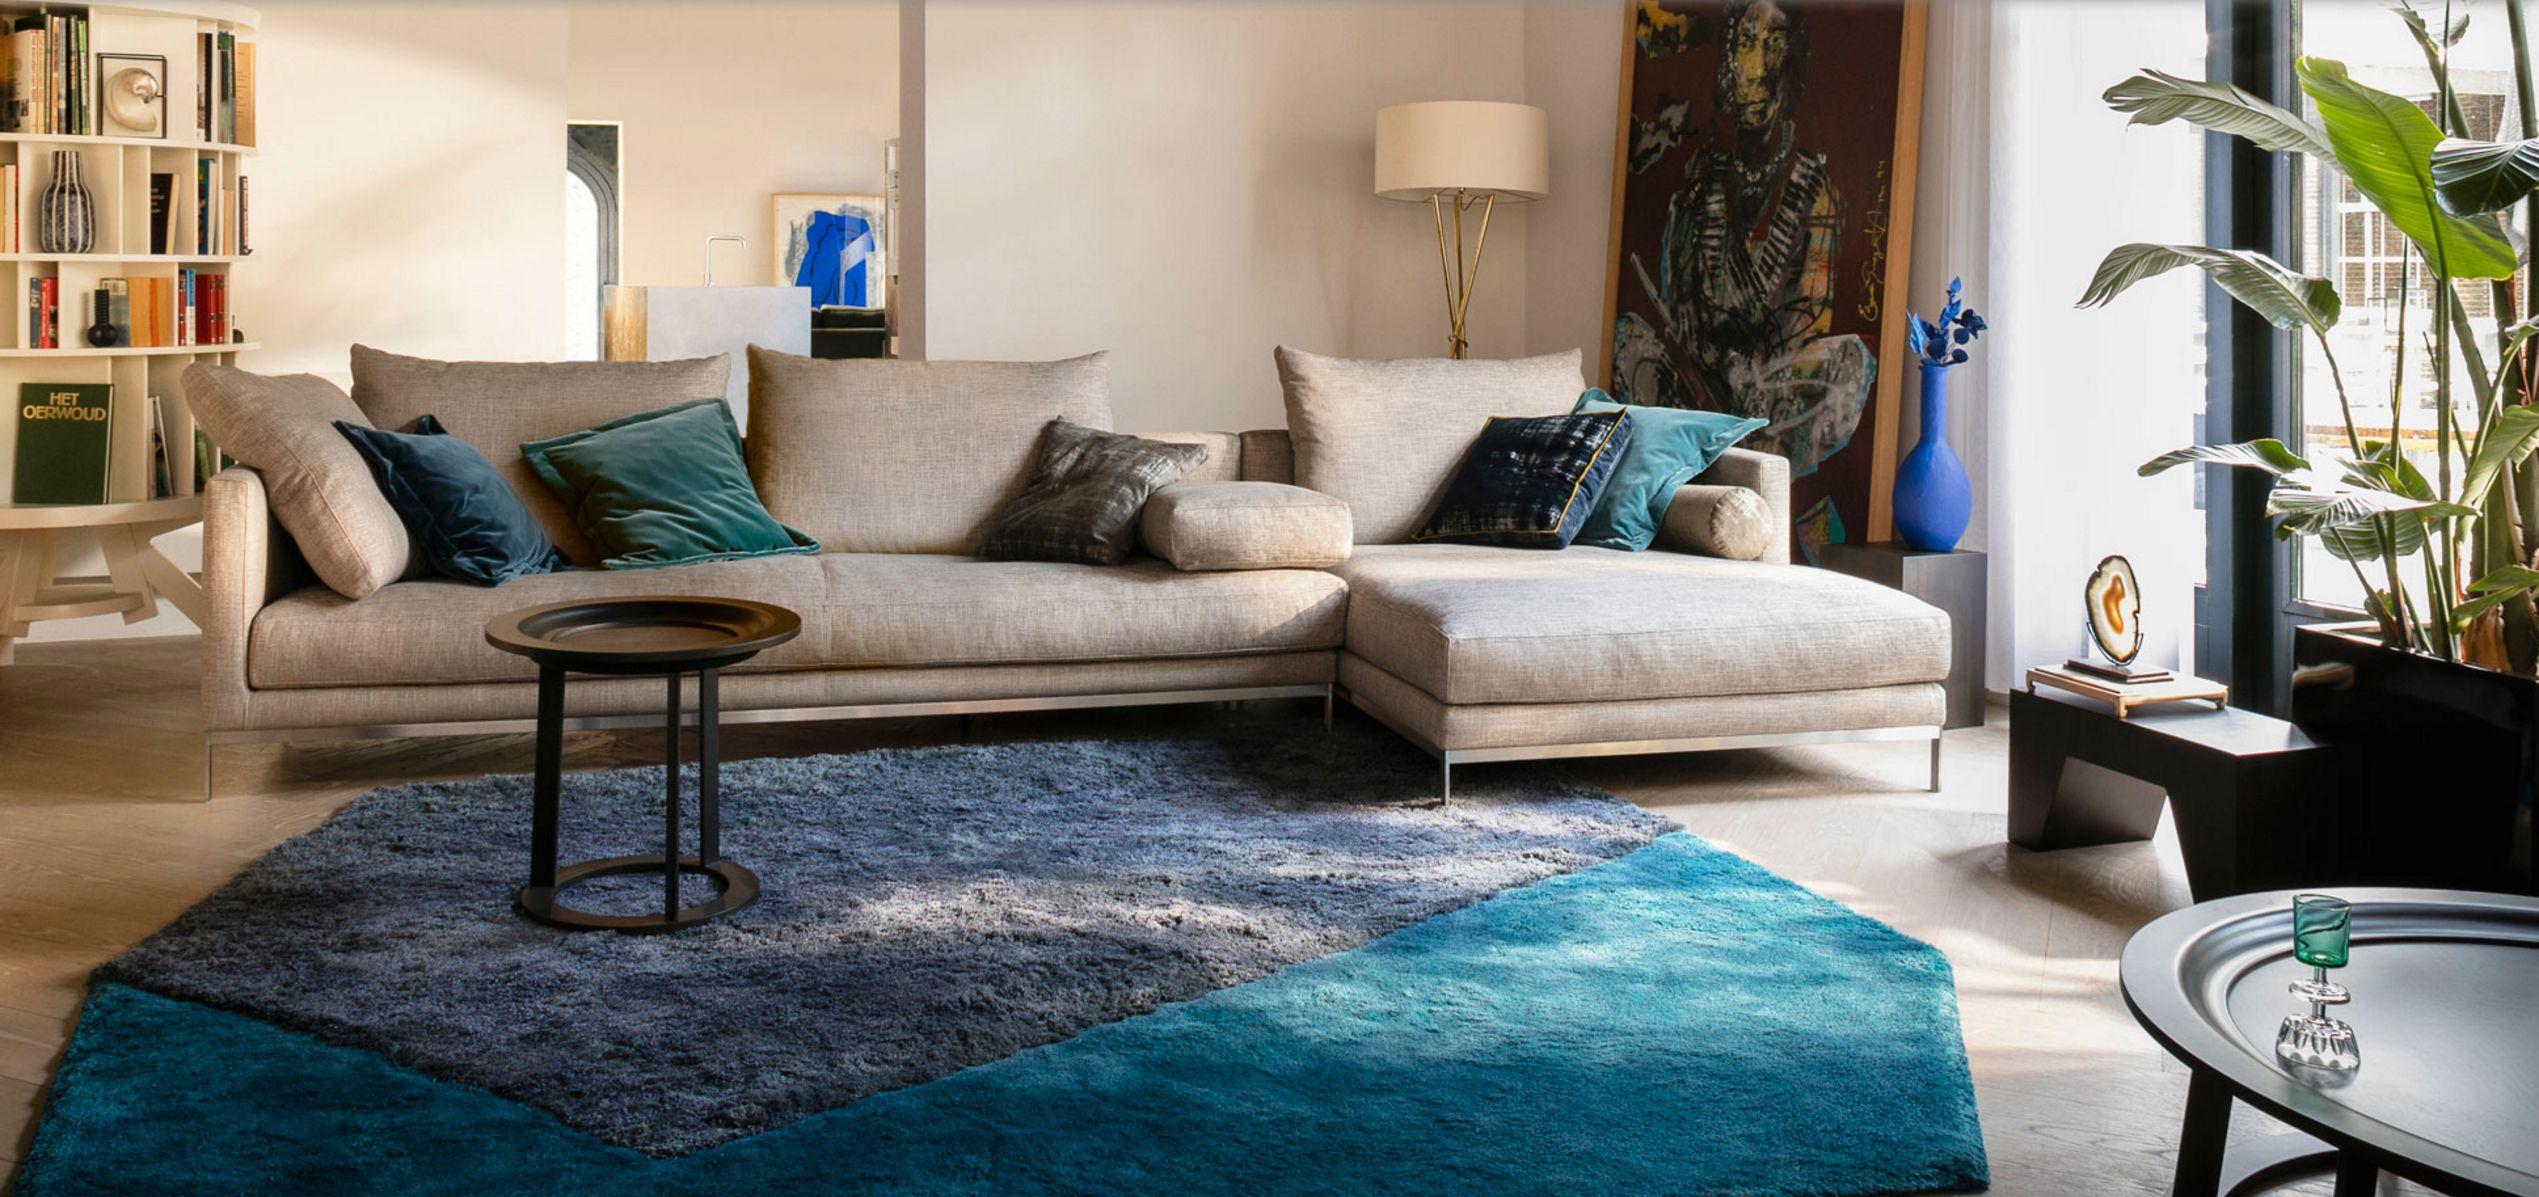 Sofa Jan des Bouvrie for linteloo linteloo bank sofa